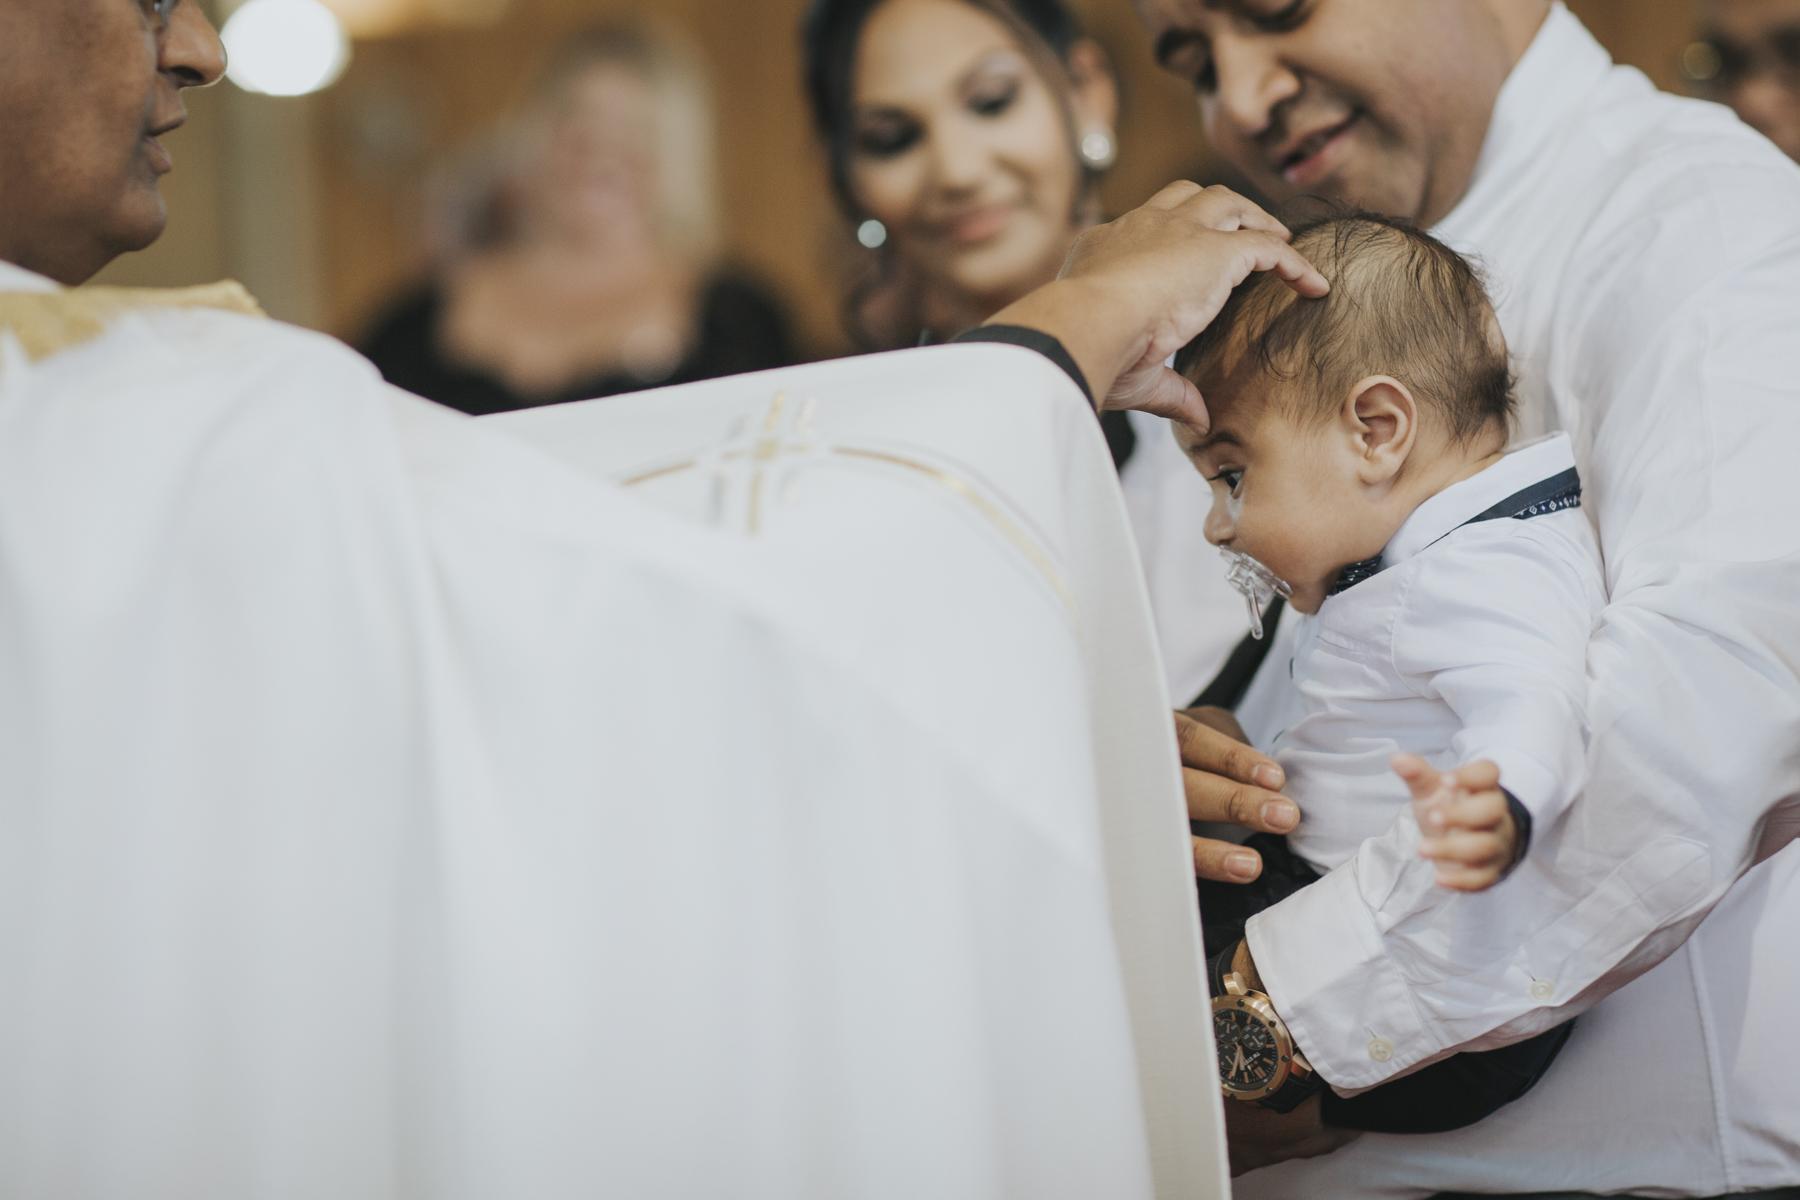 sydney_christening_photography-15.jpg